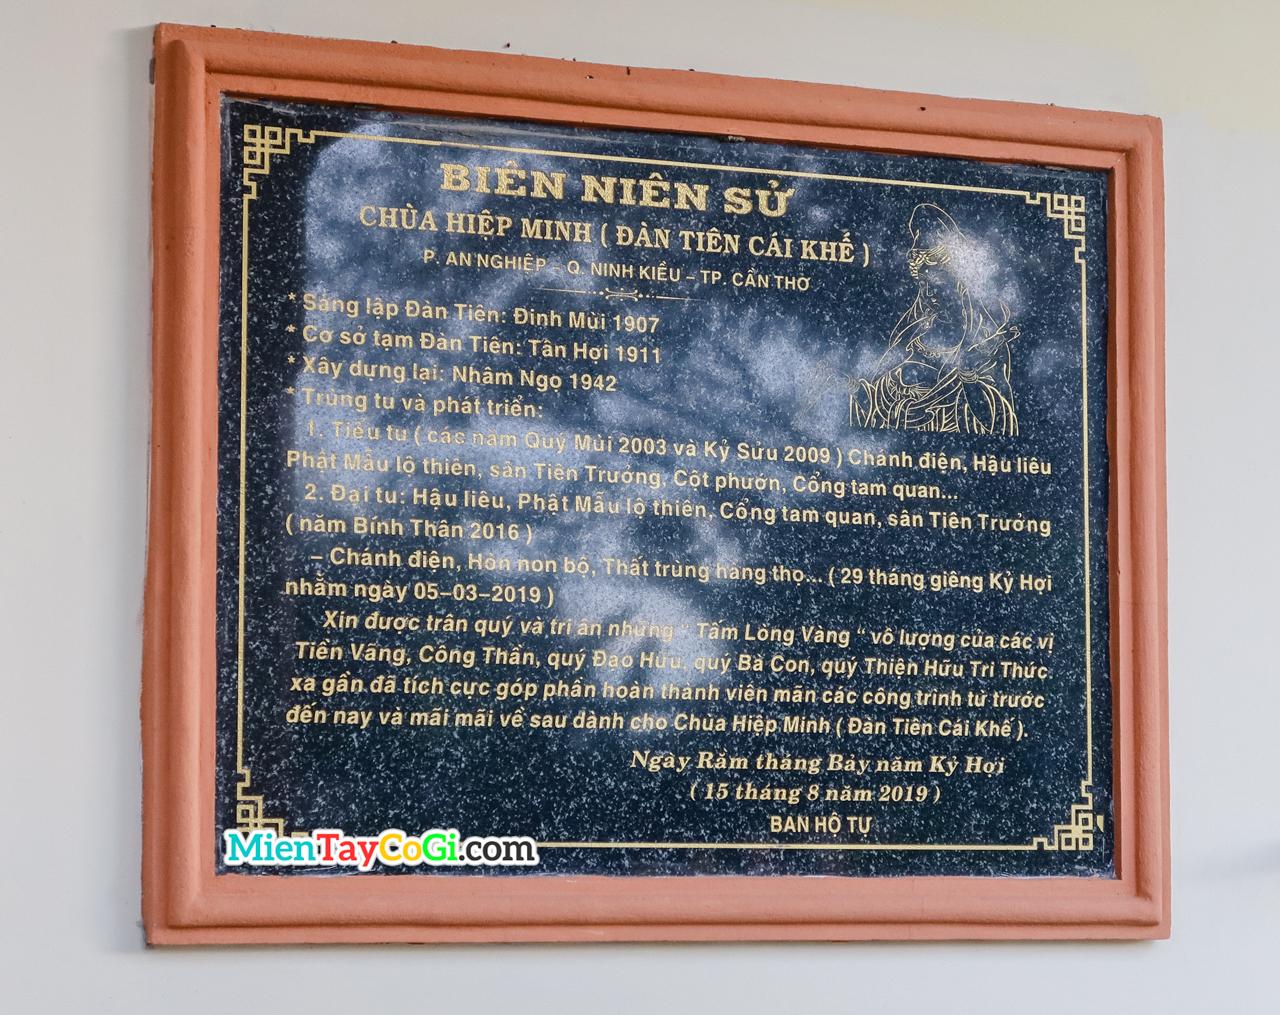 Bảng niên sử chi tiết của Đàn Tiên Cái Khế - chùa Hiệp Minh